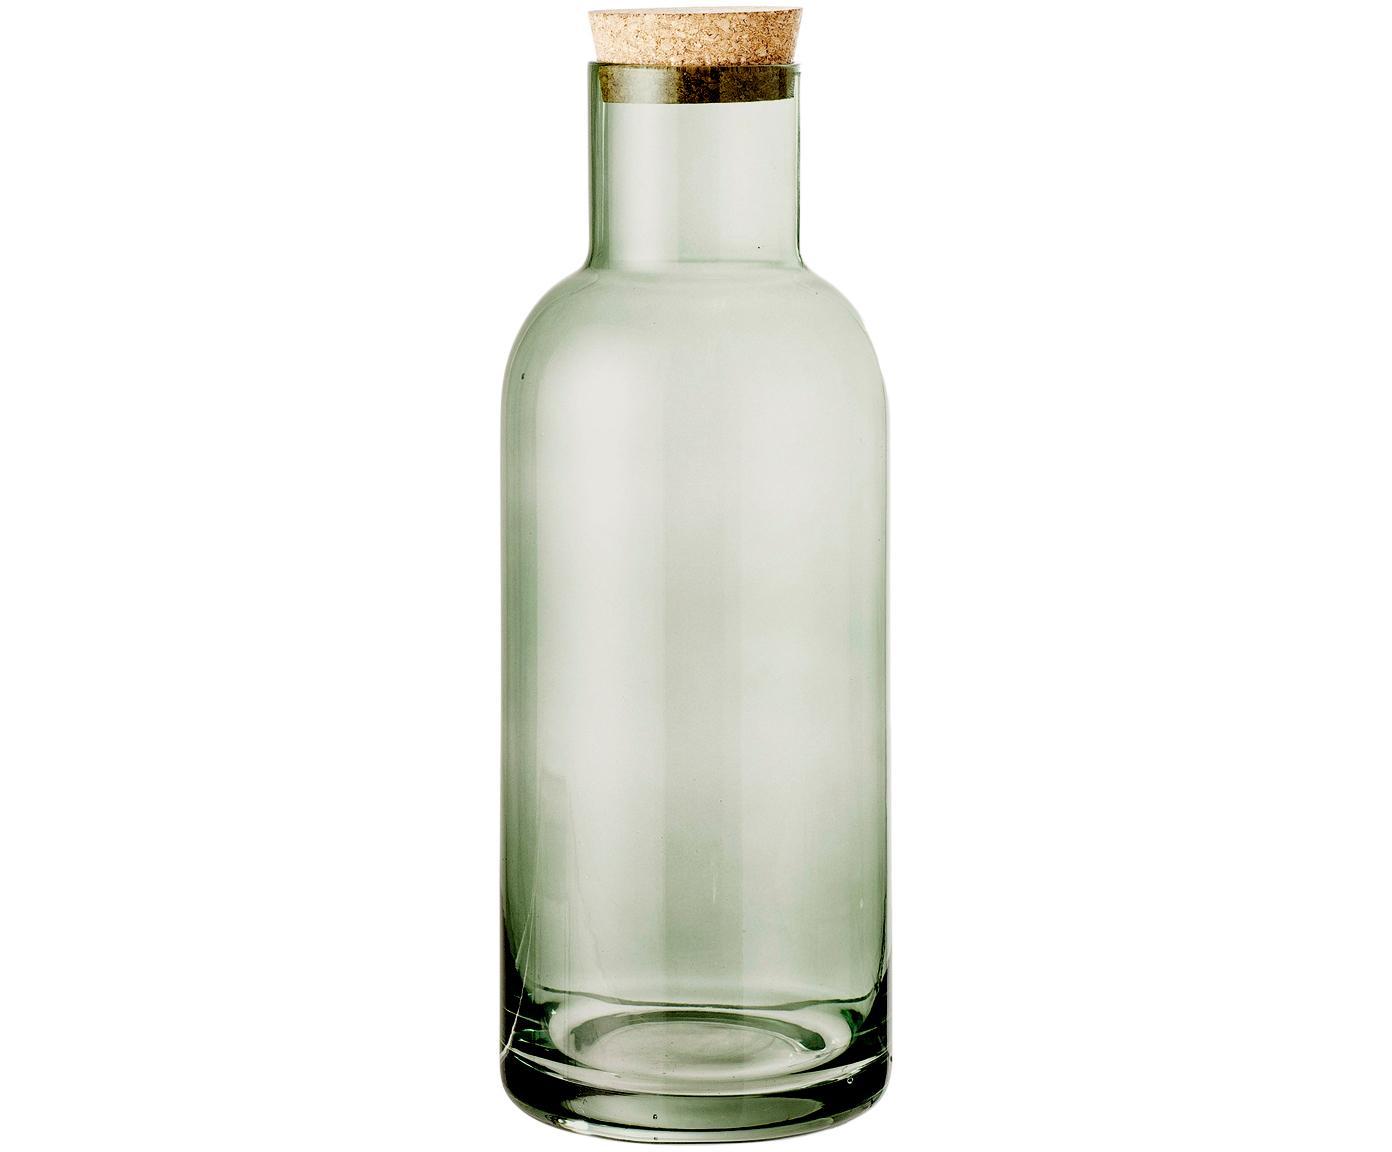 Caraffa verde trasparente Clearance, Coperchio: sughero, Verde trasparente, 1 l